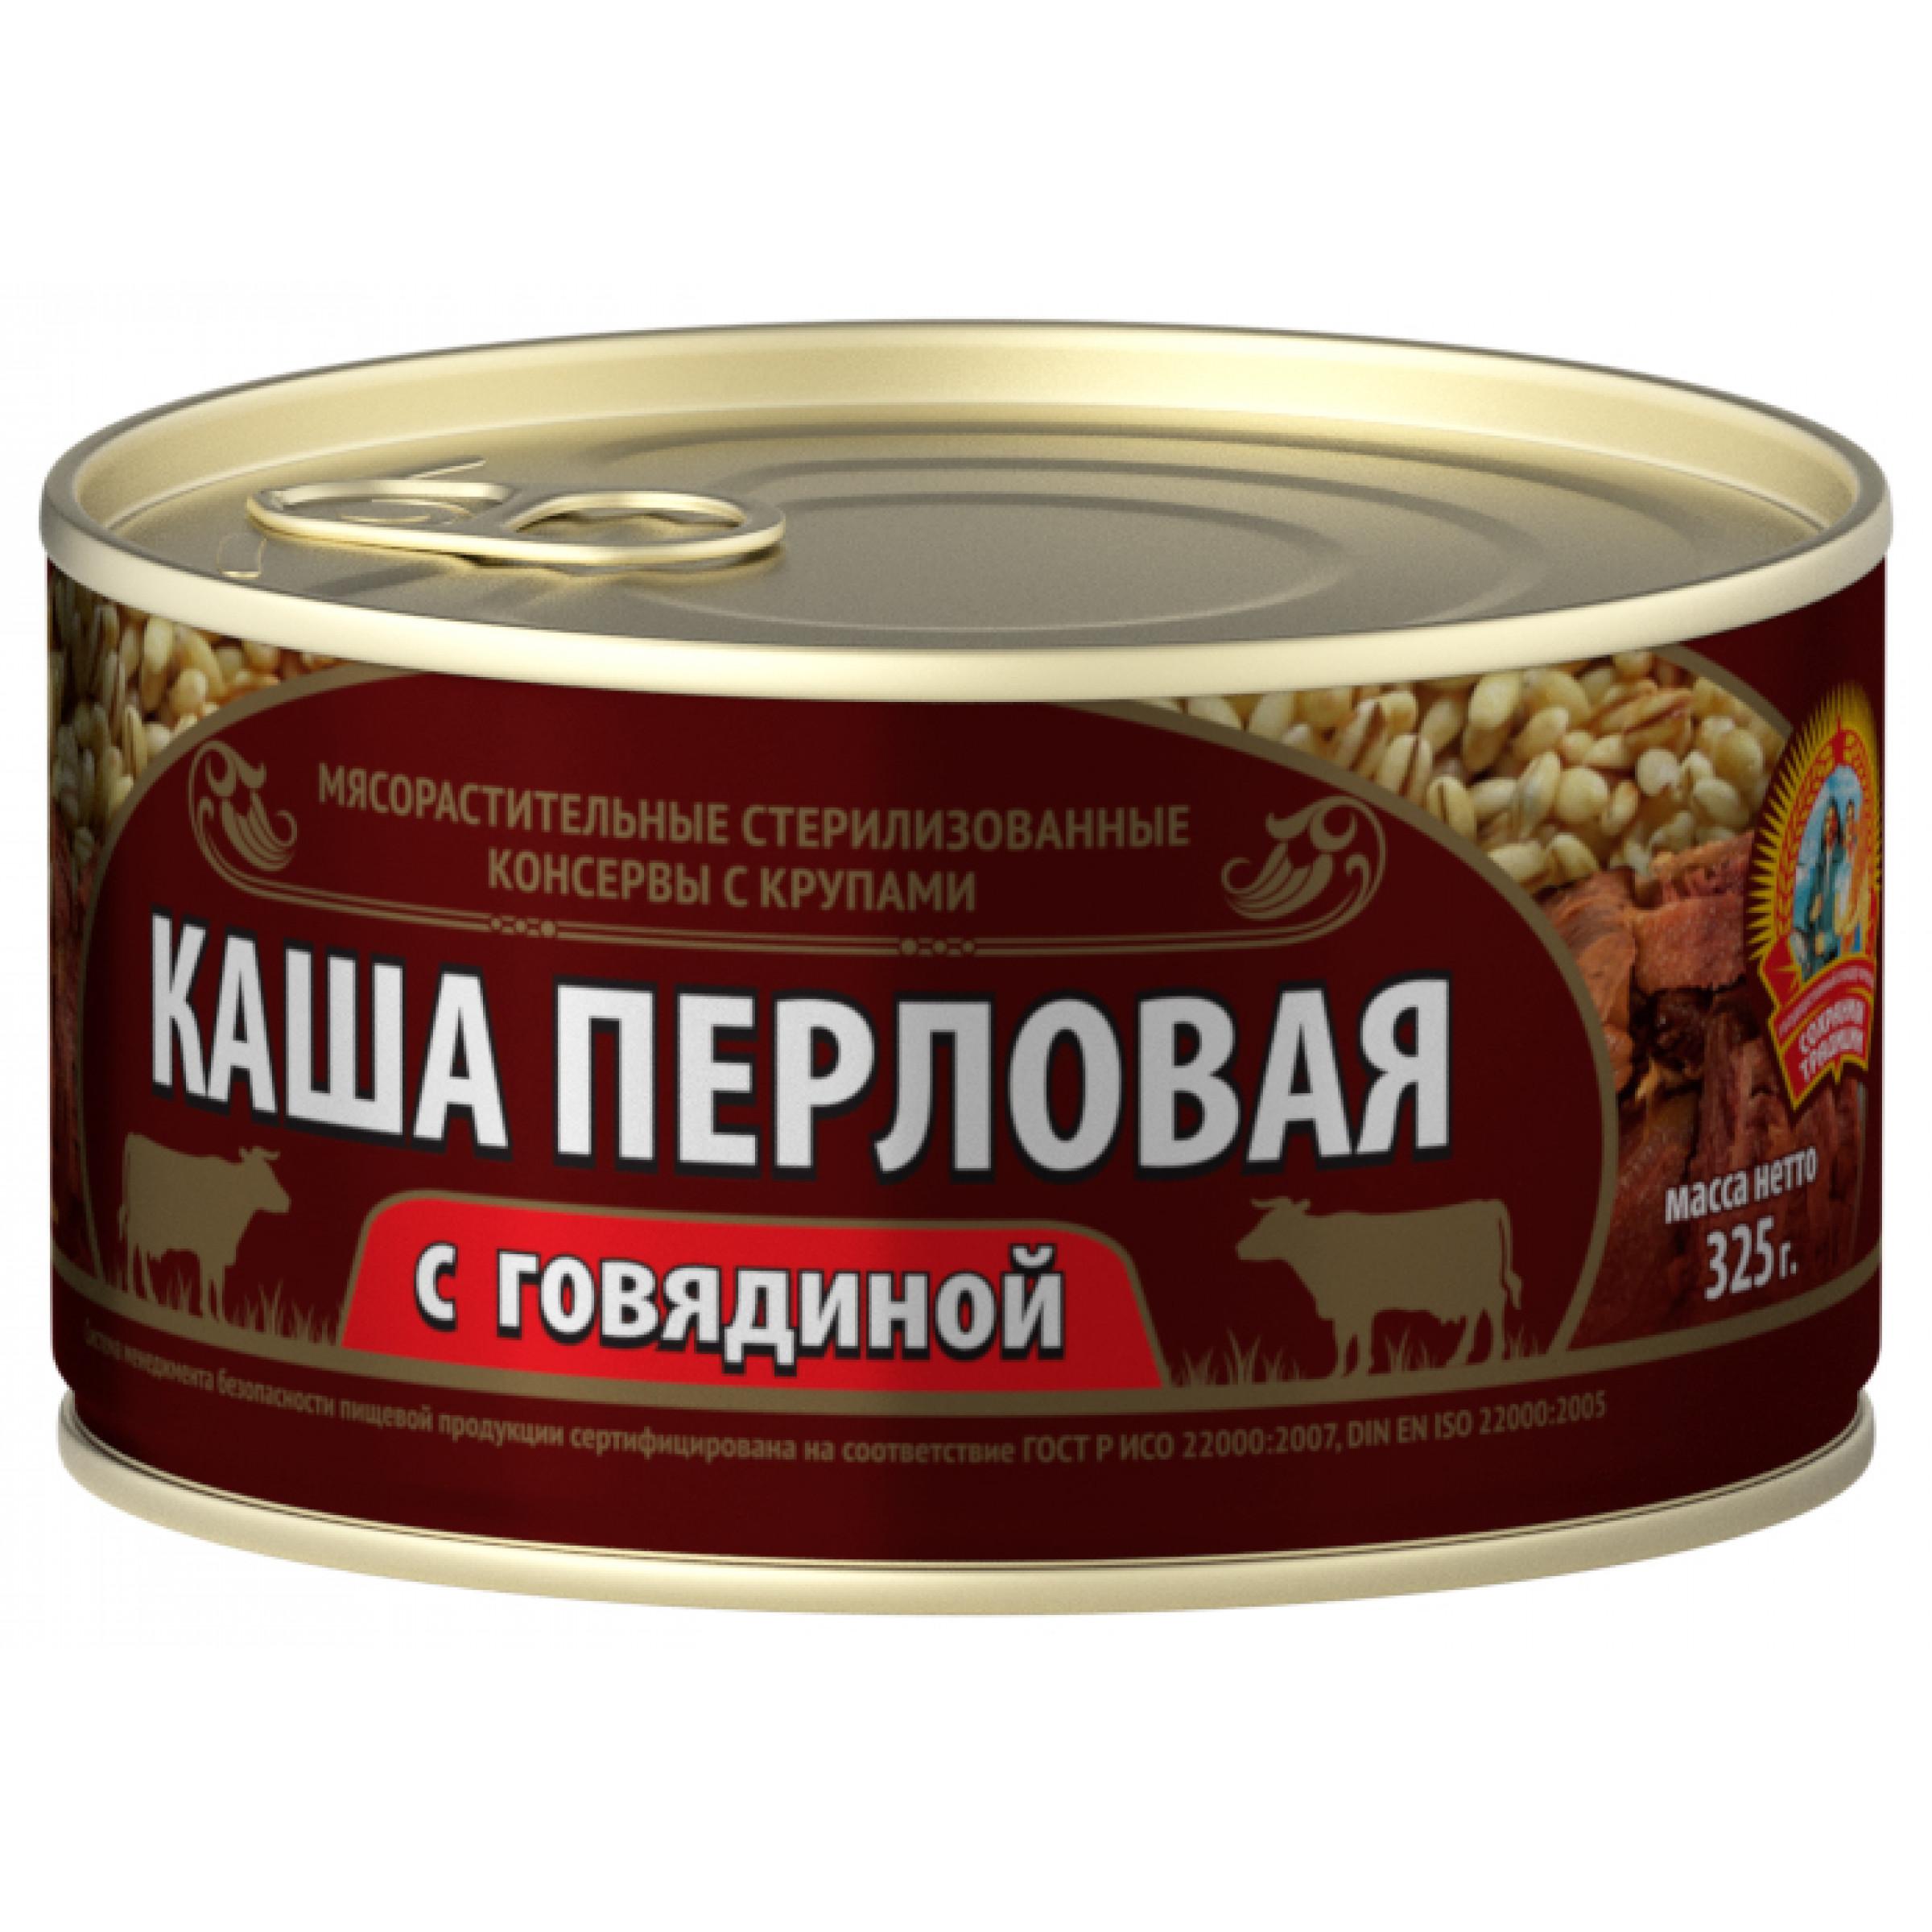 Каша Перловая с говядиной КТК, 325гр